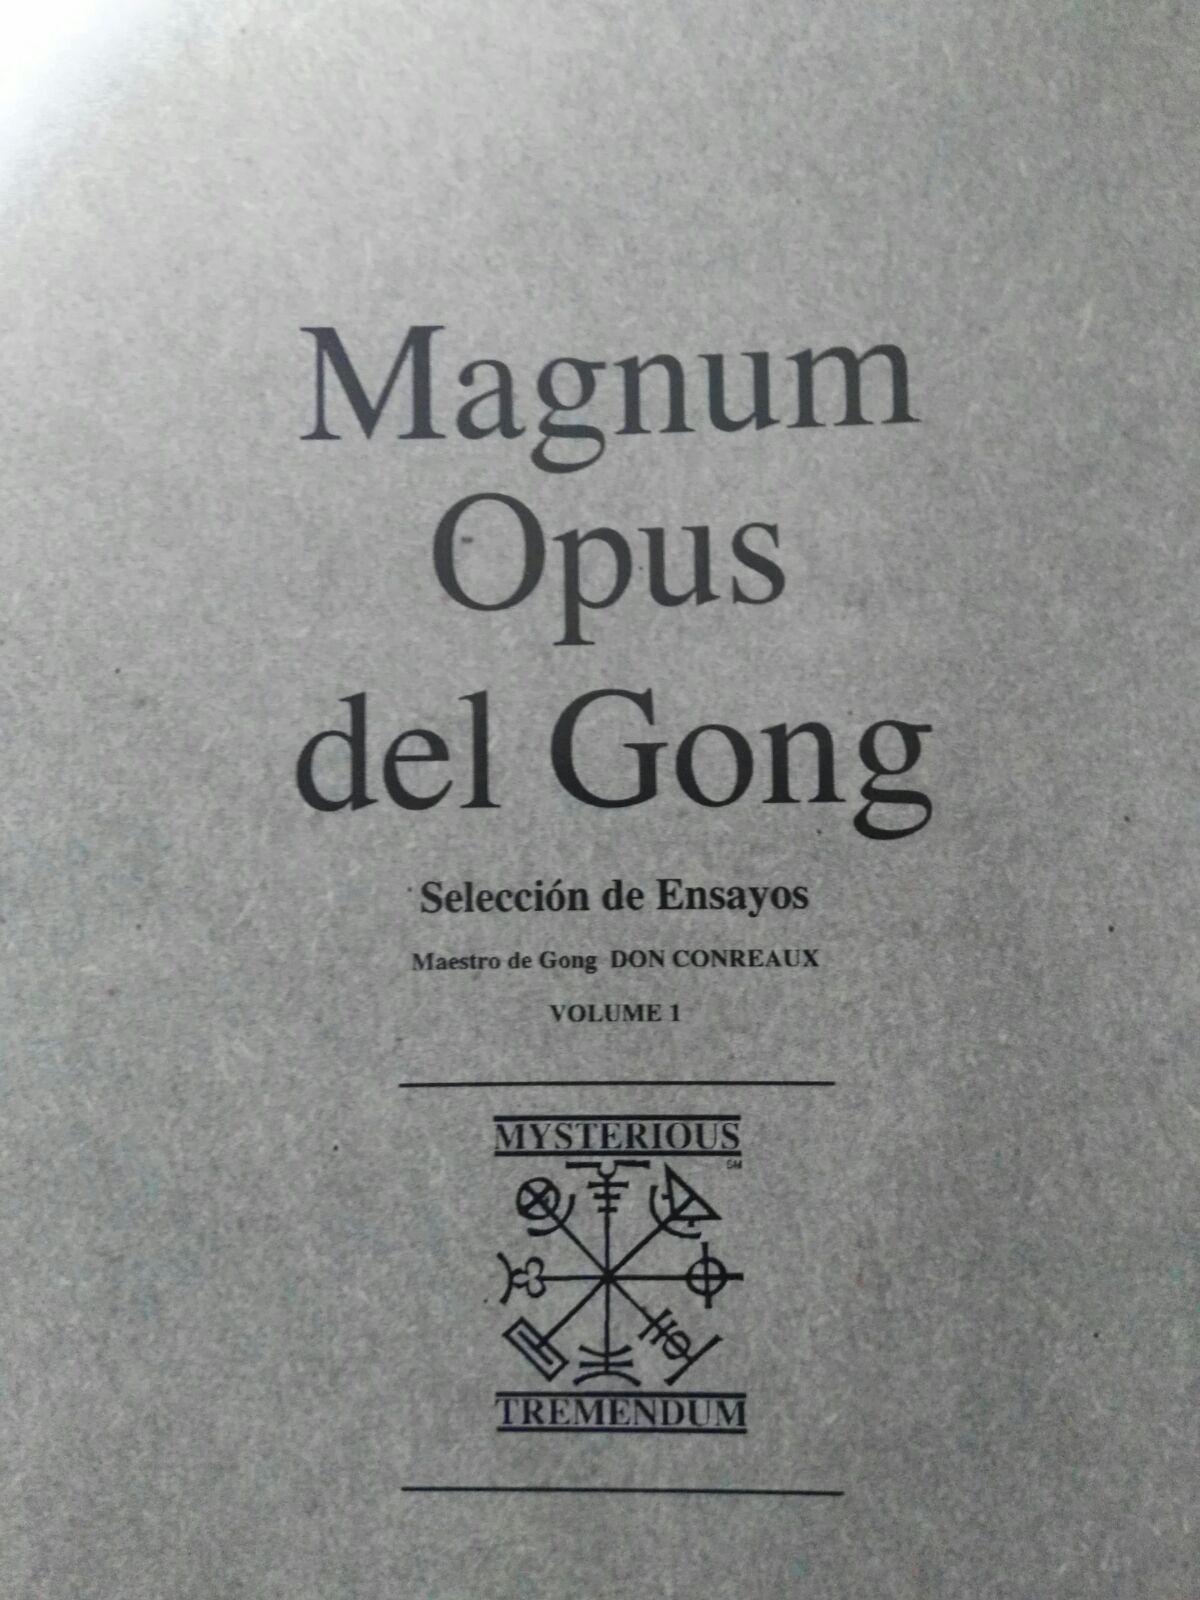 libro magnus opus gong don conreaux